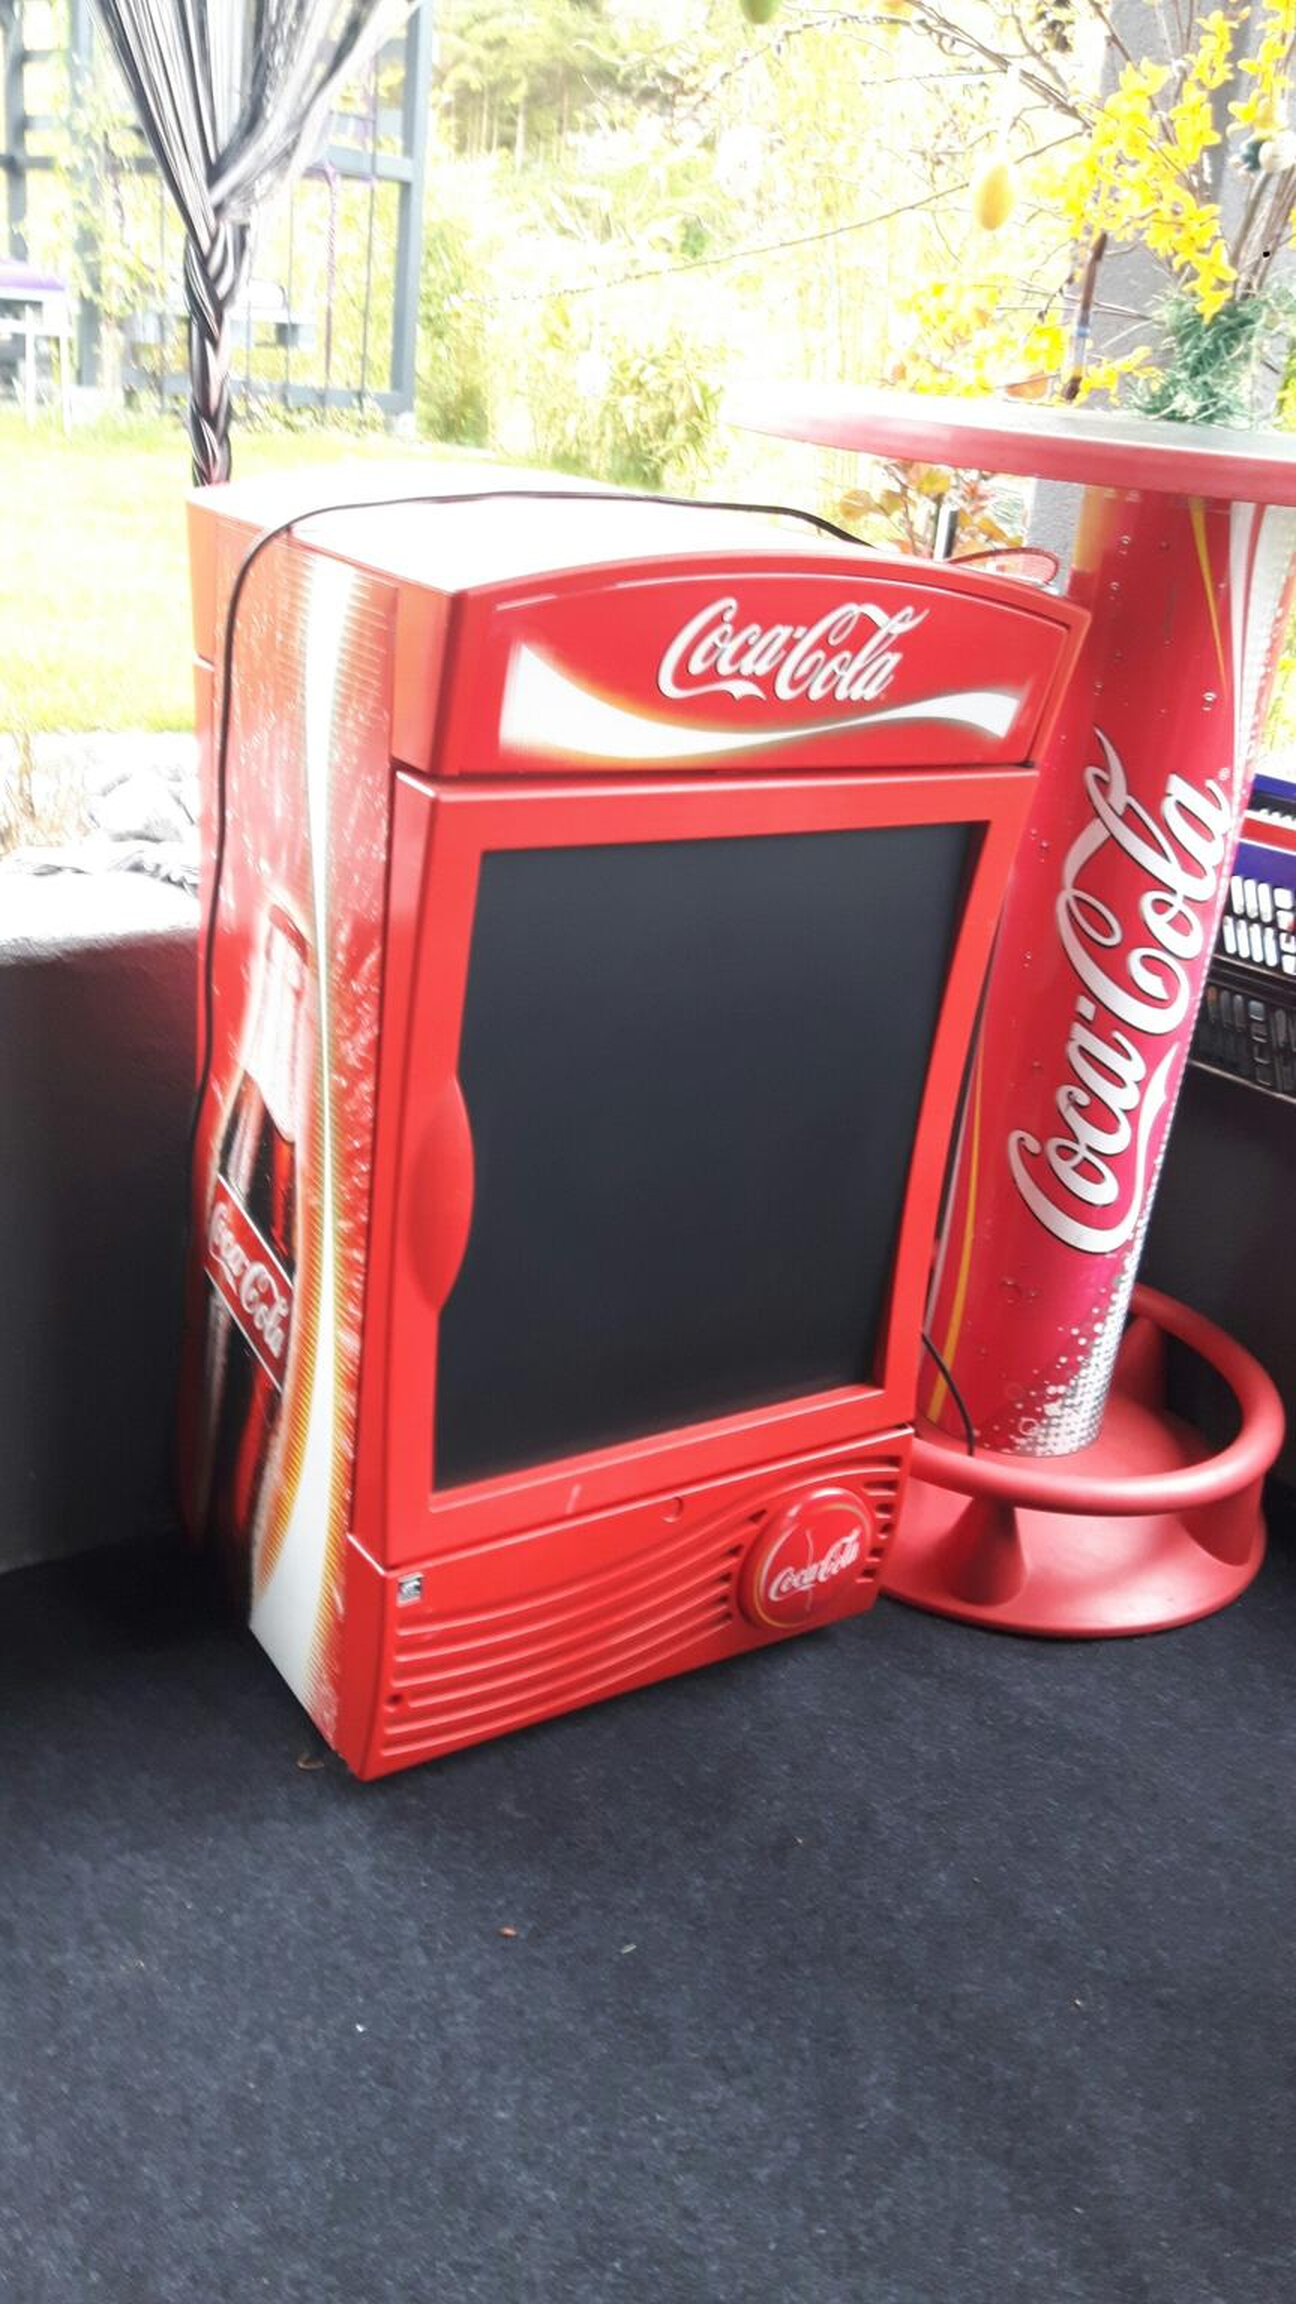 Kühlschrank Coca Cola : Coca cola kuehlschrank haushalt möbel gebraucht und neu